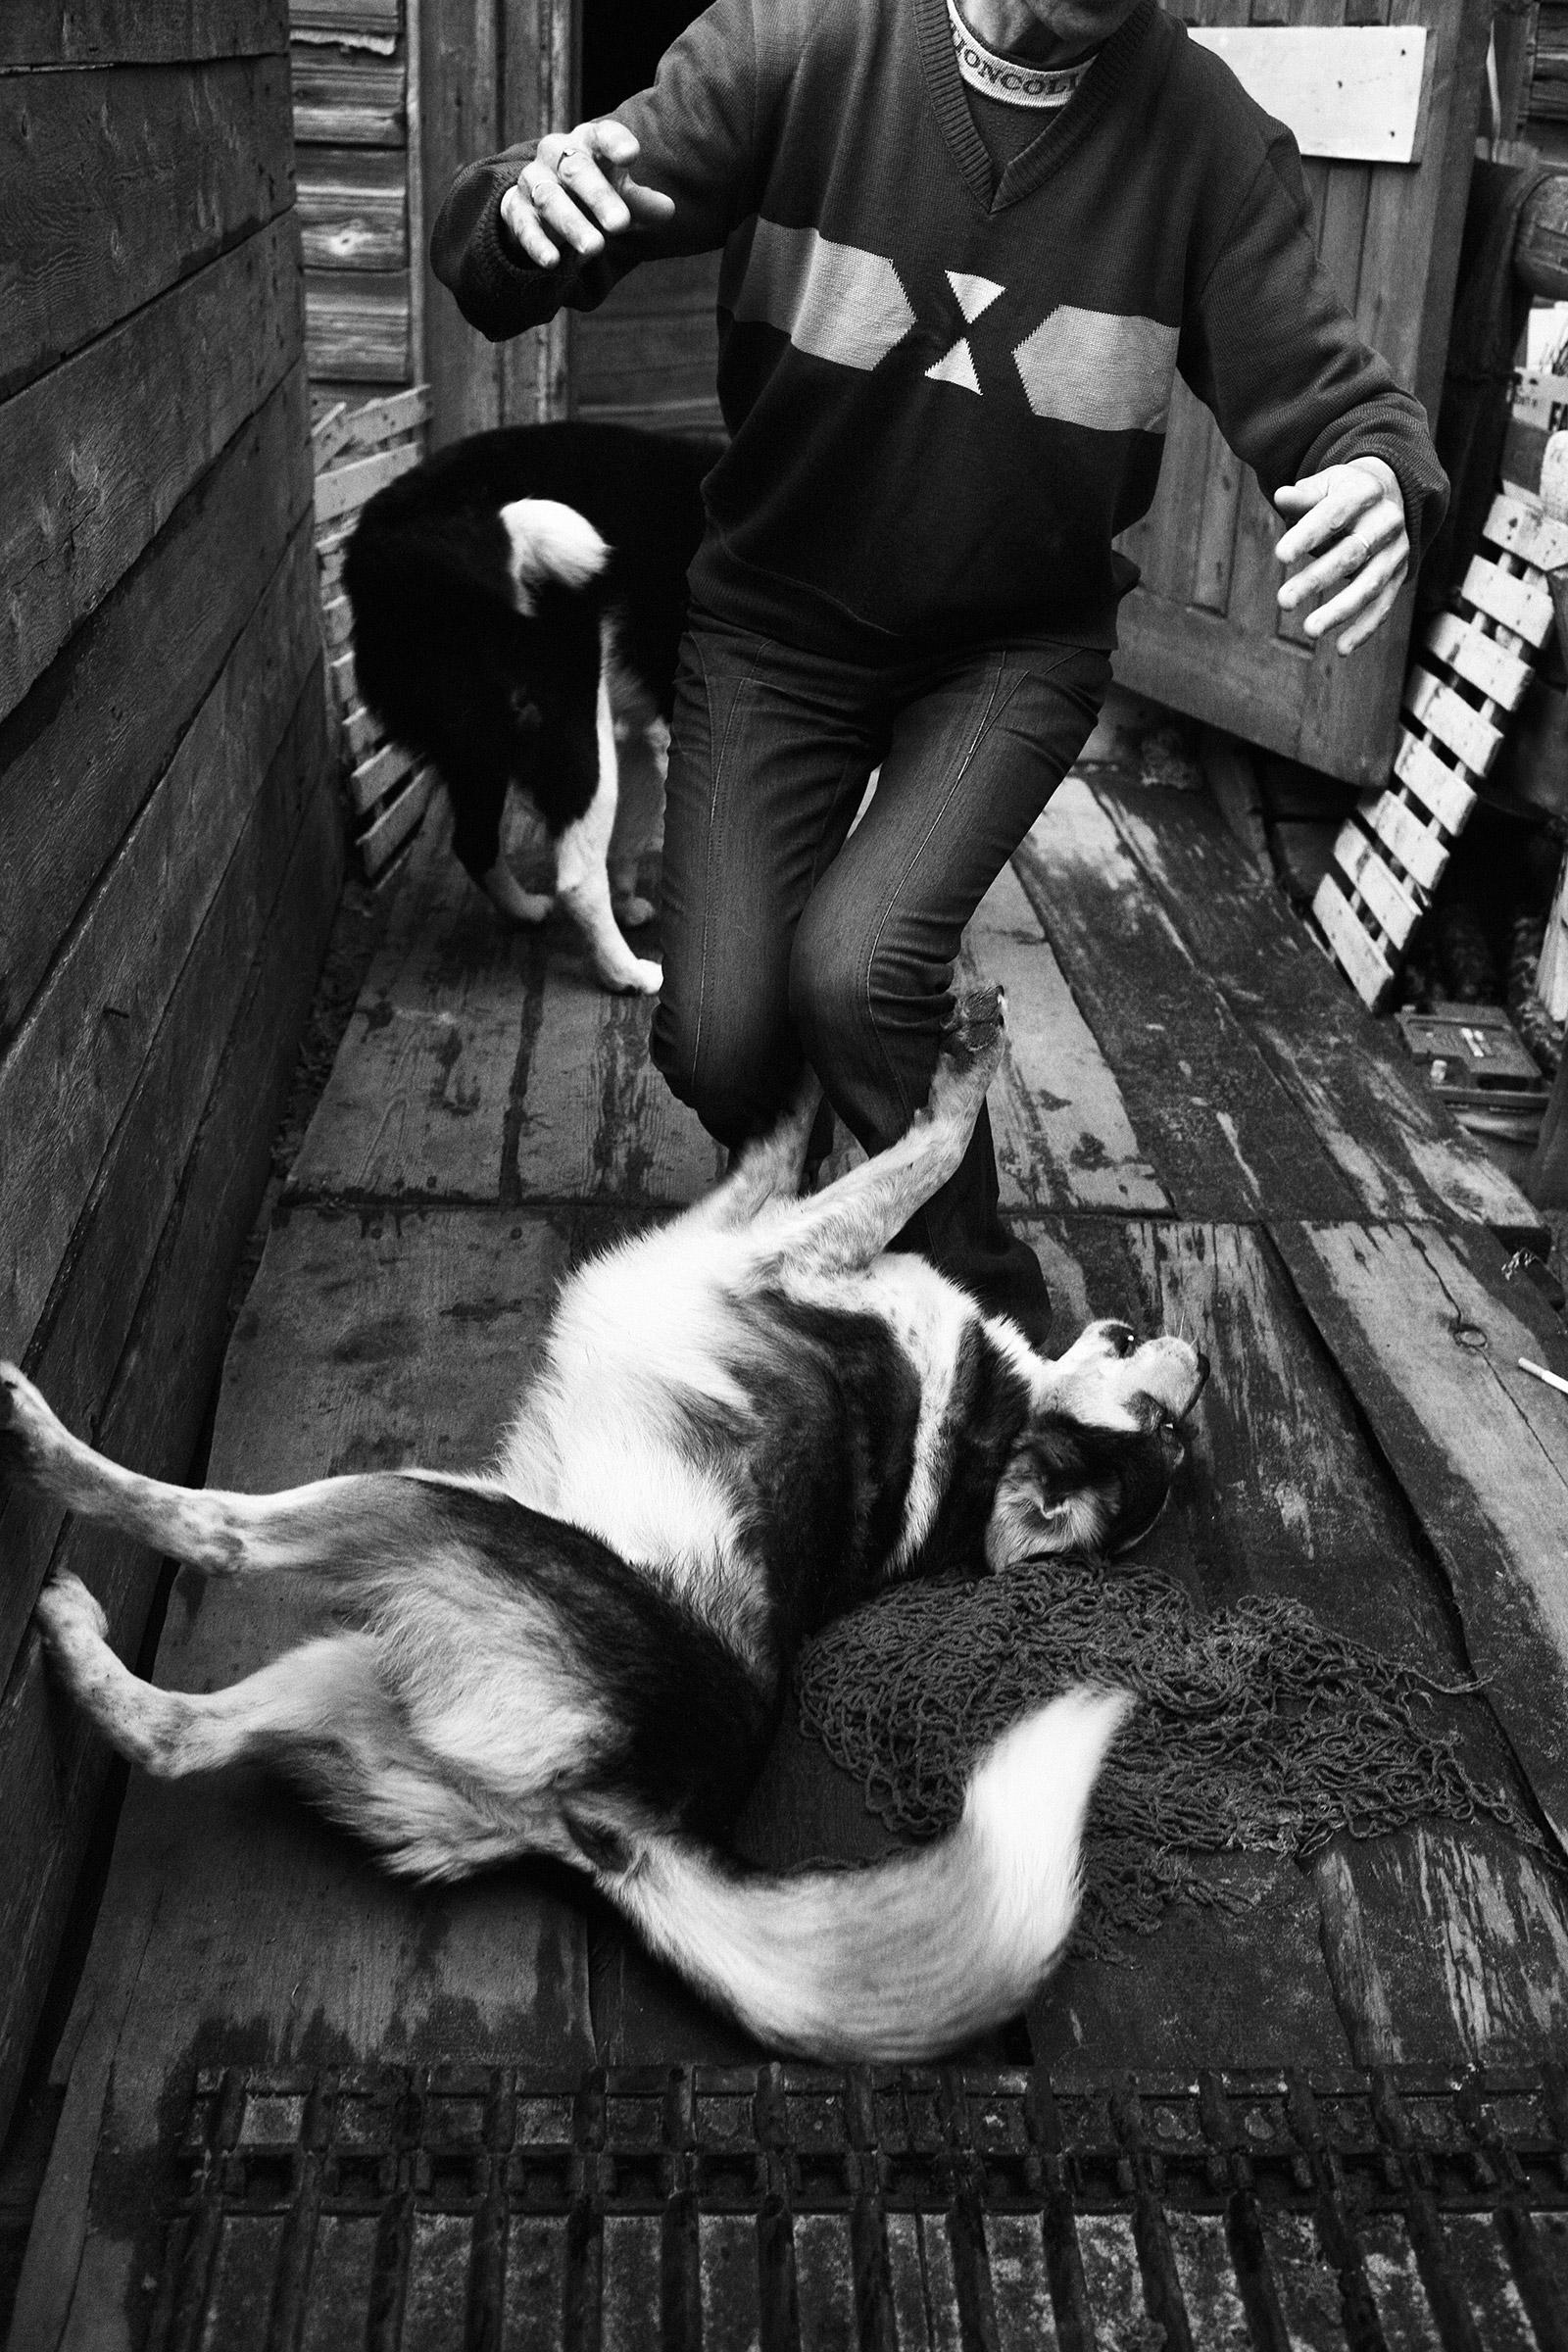 МЫ - О РОССИИ БЕЗ СЛОВ. | ZIN#21 | КУЗОМЕНЬ | © Артём Лежепёков